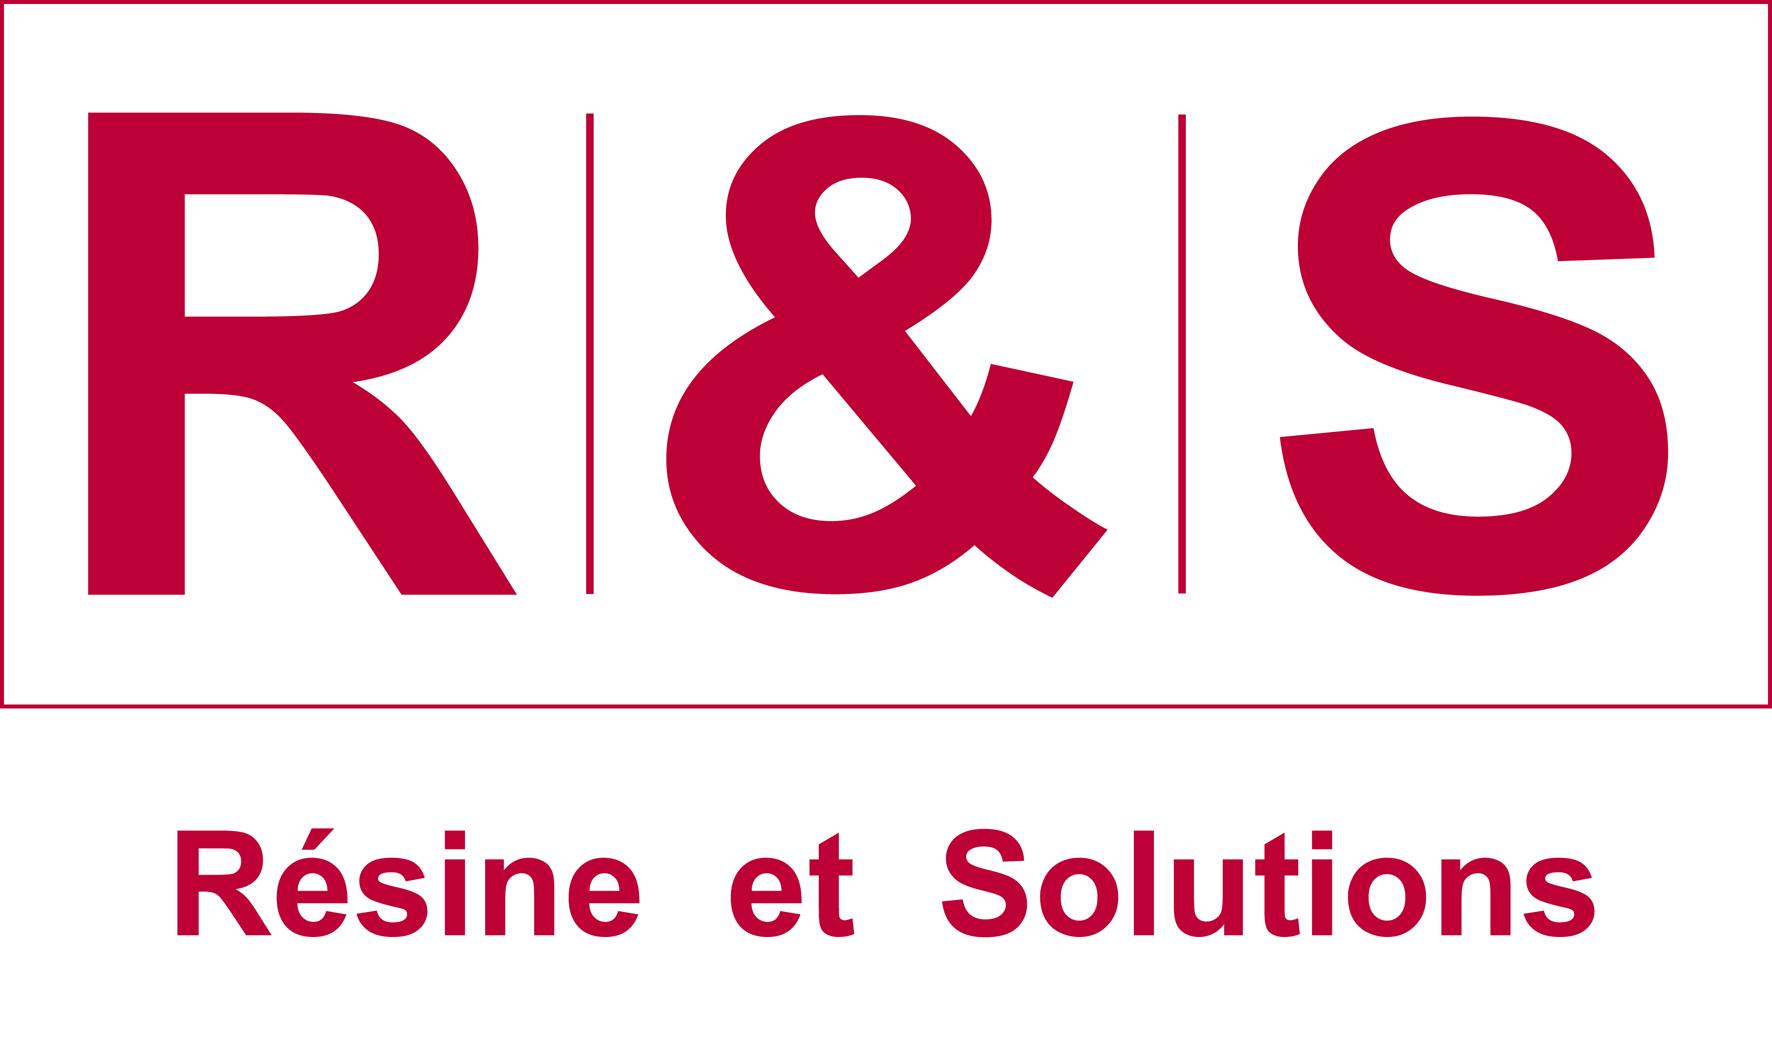 Résine- Solutions